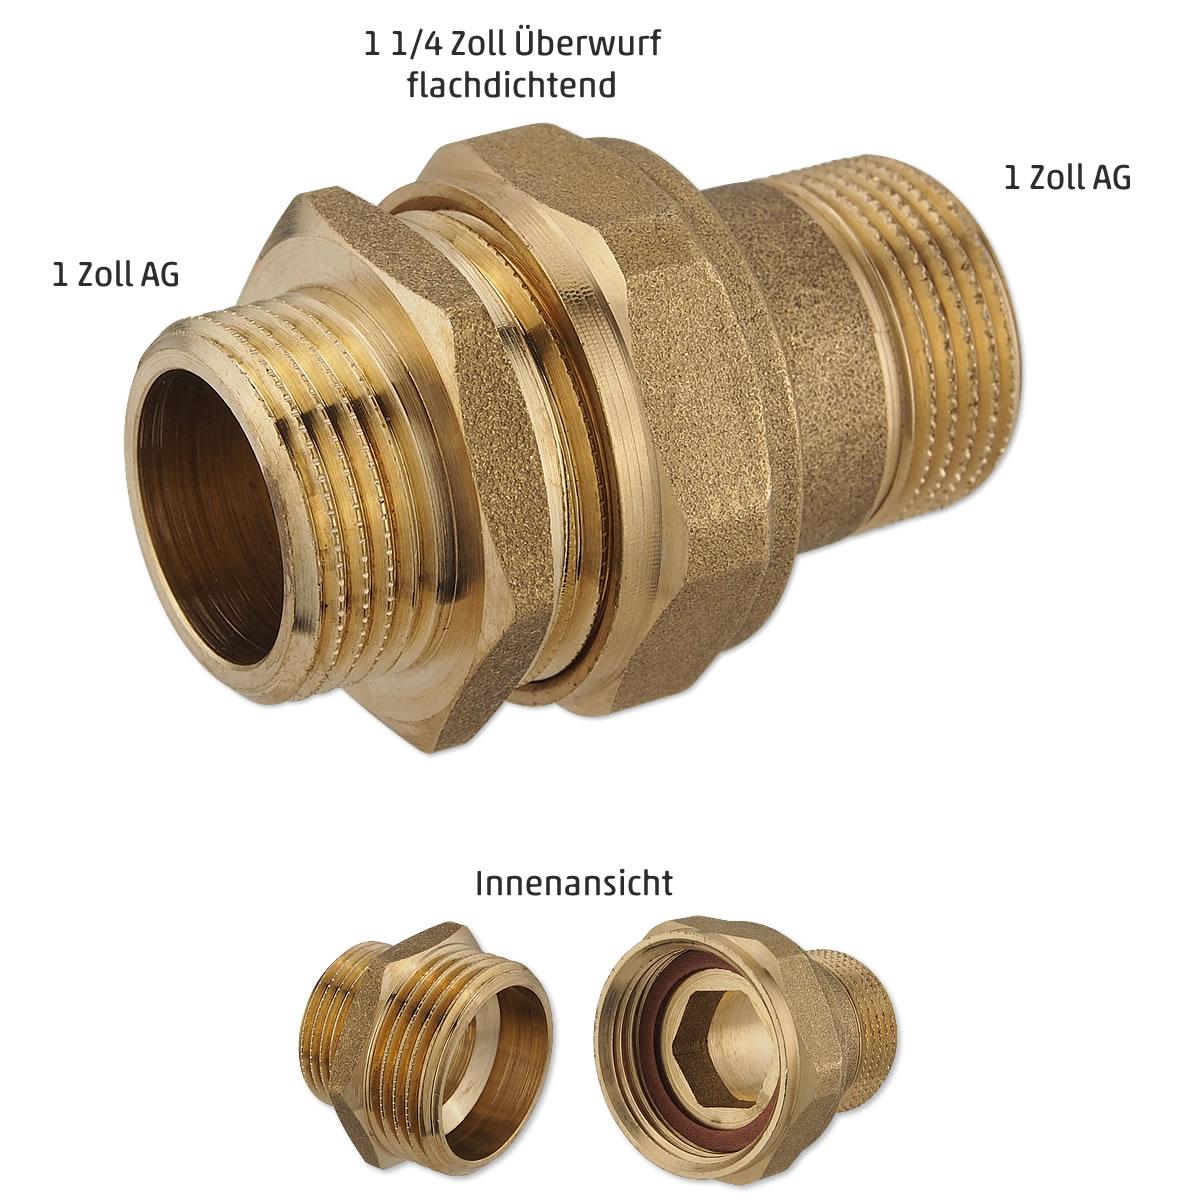 Sehr Verschraubung 1 Zoll Flachdichtend MJ59 – Hitoiro TT05